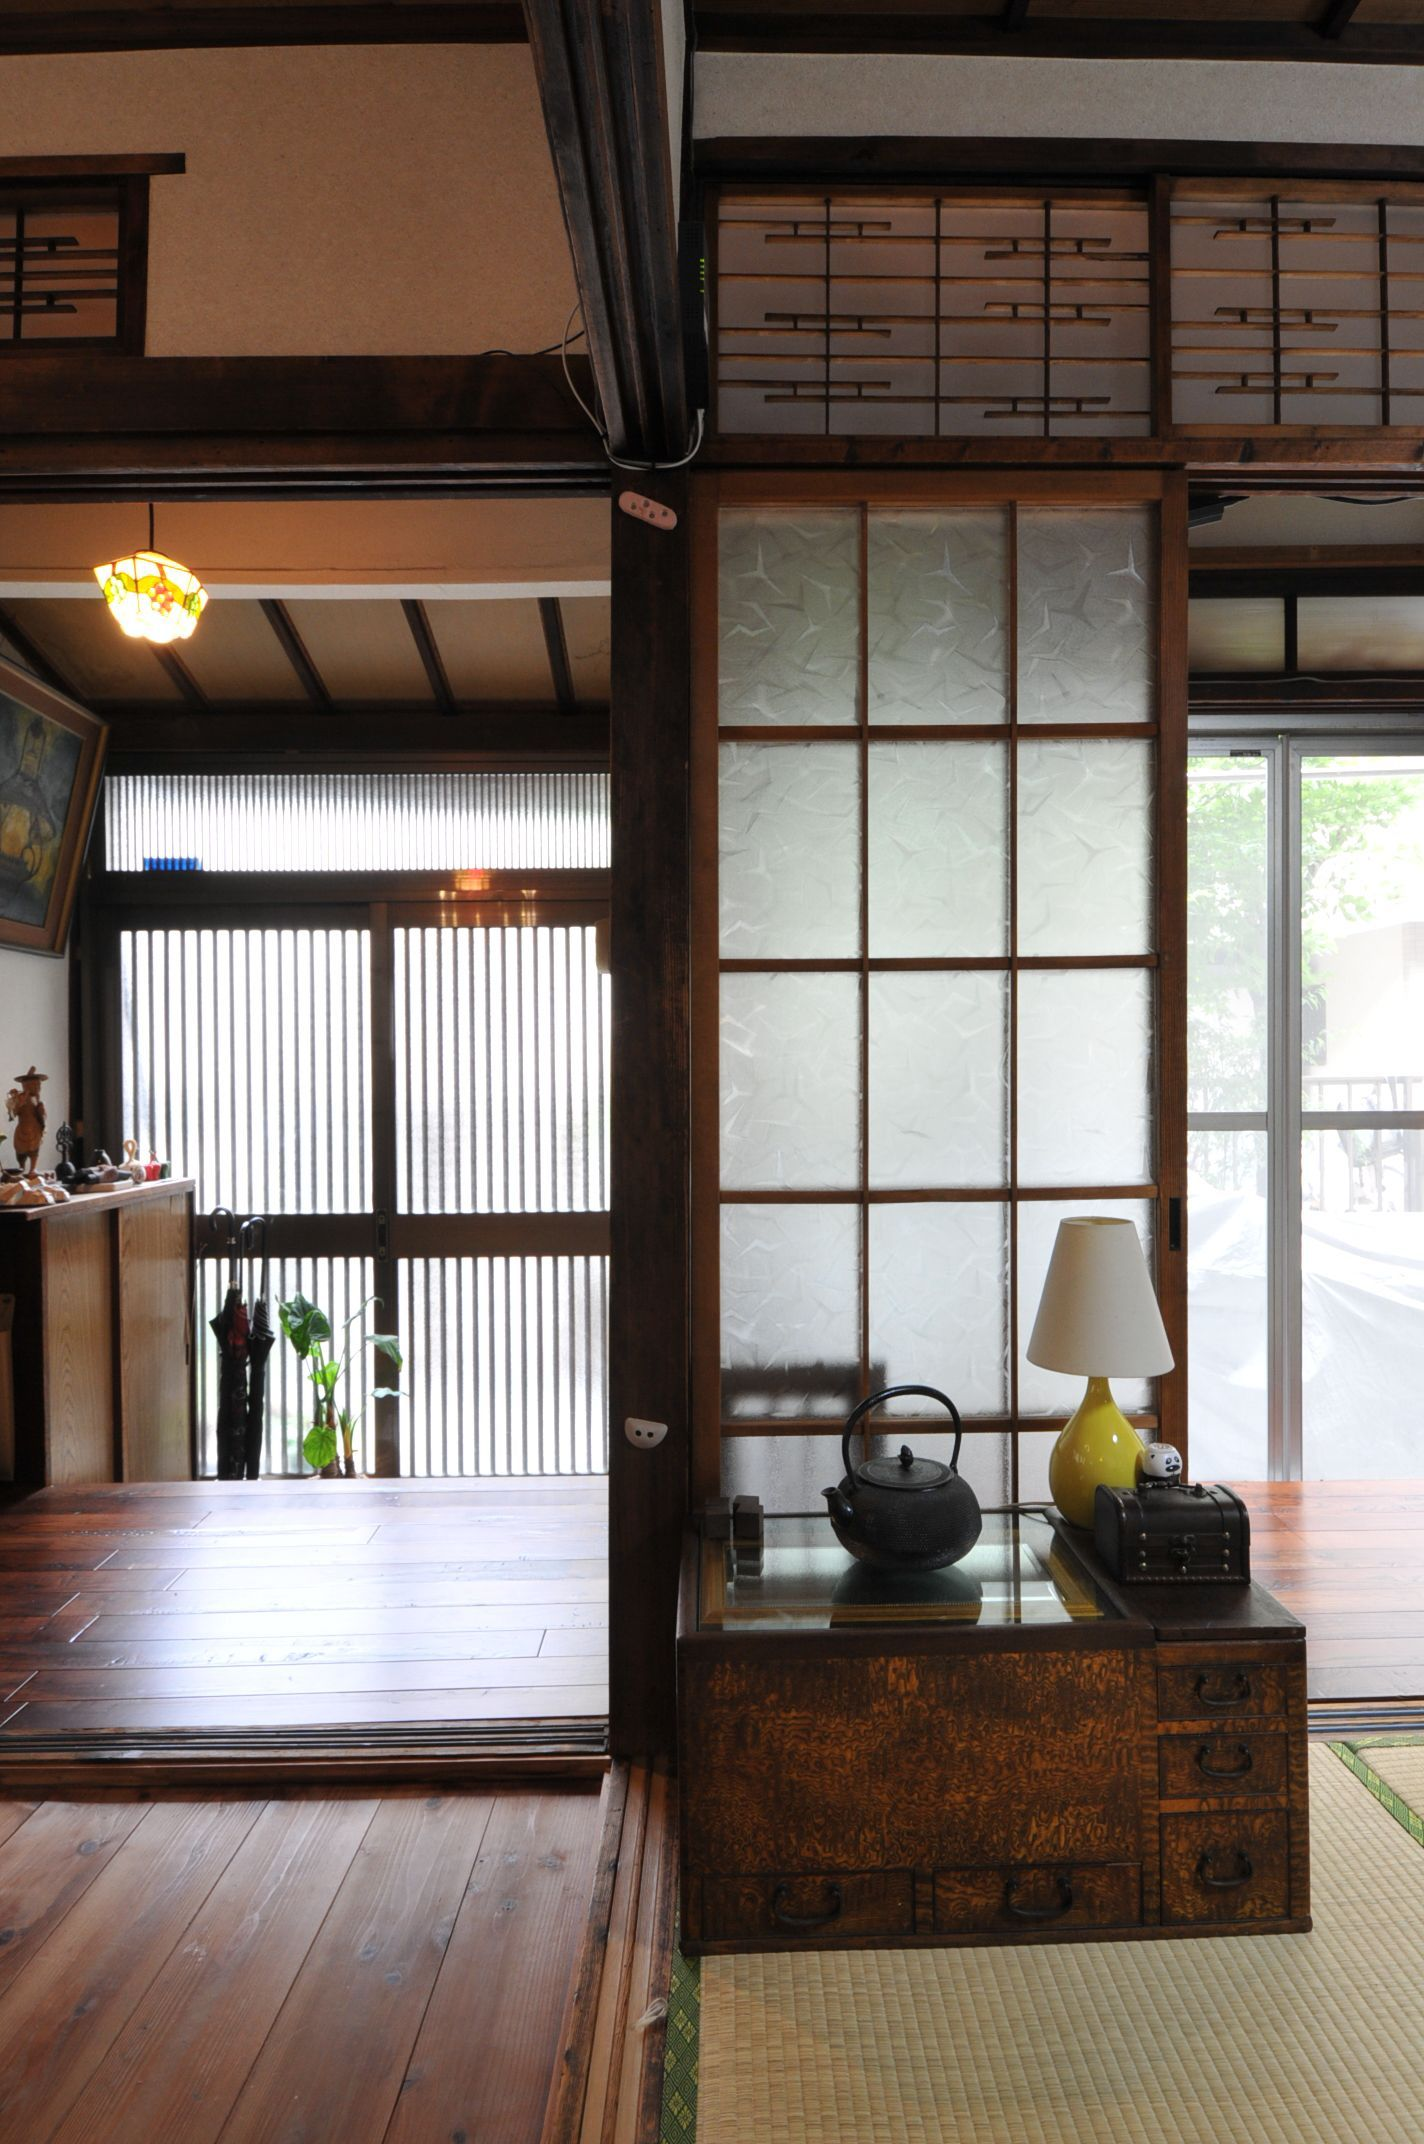 Interieur Maison Japonaise Traditionnelle japanese interior #interior #japan more | maison japonaise